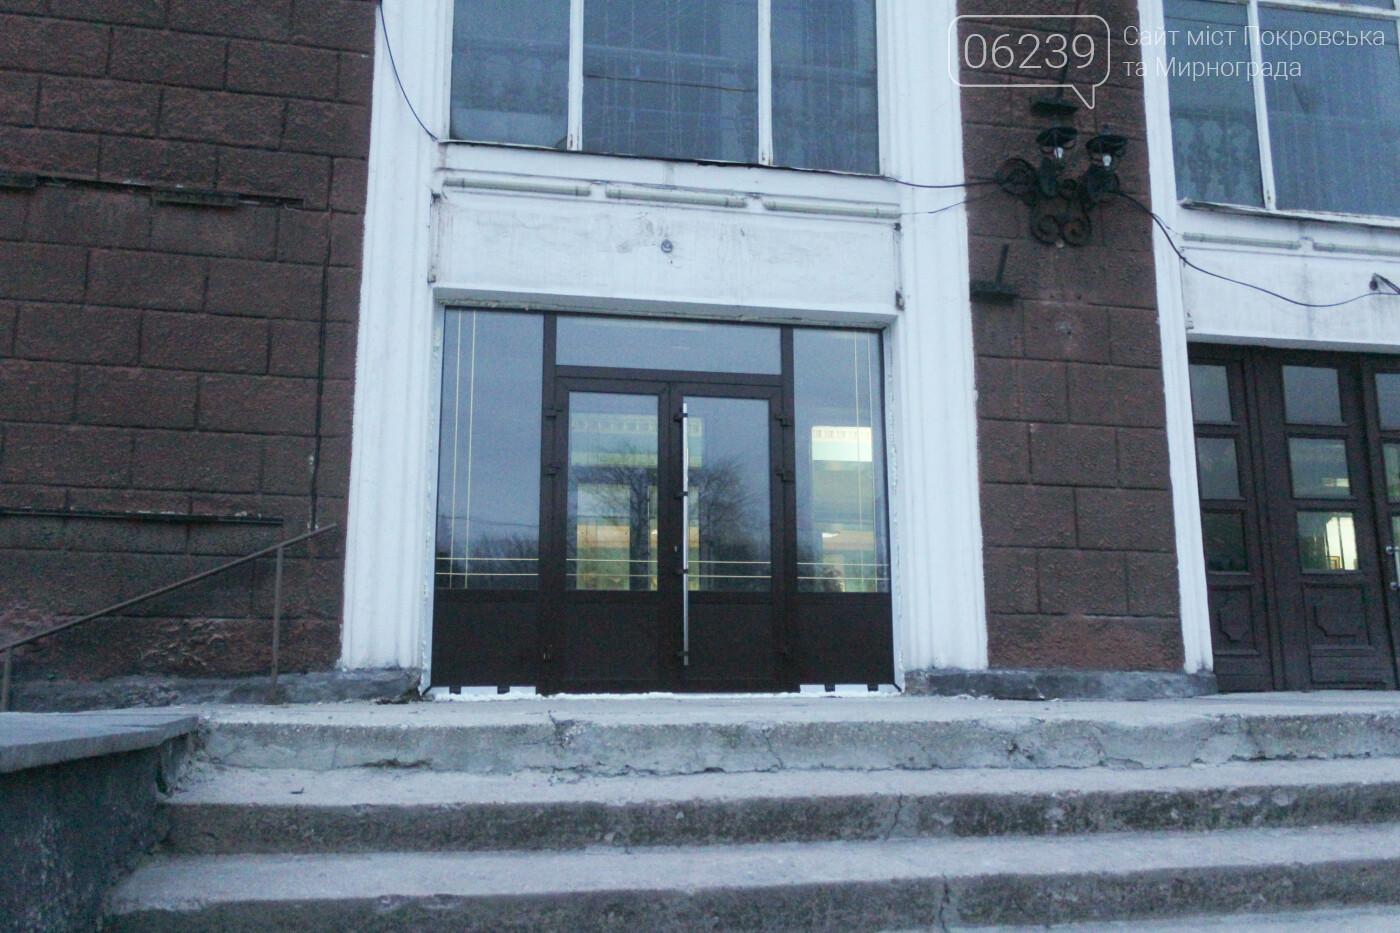 В мирноградском ДК «Украина» ремонтируют главный вход , фото-1